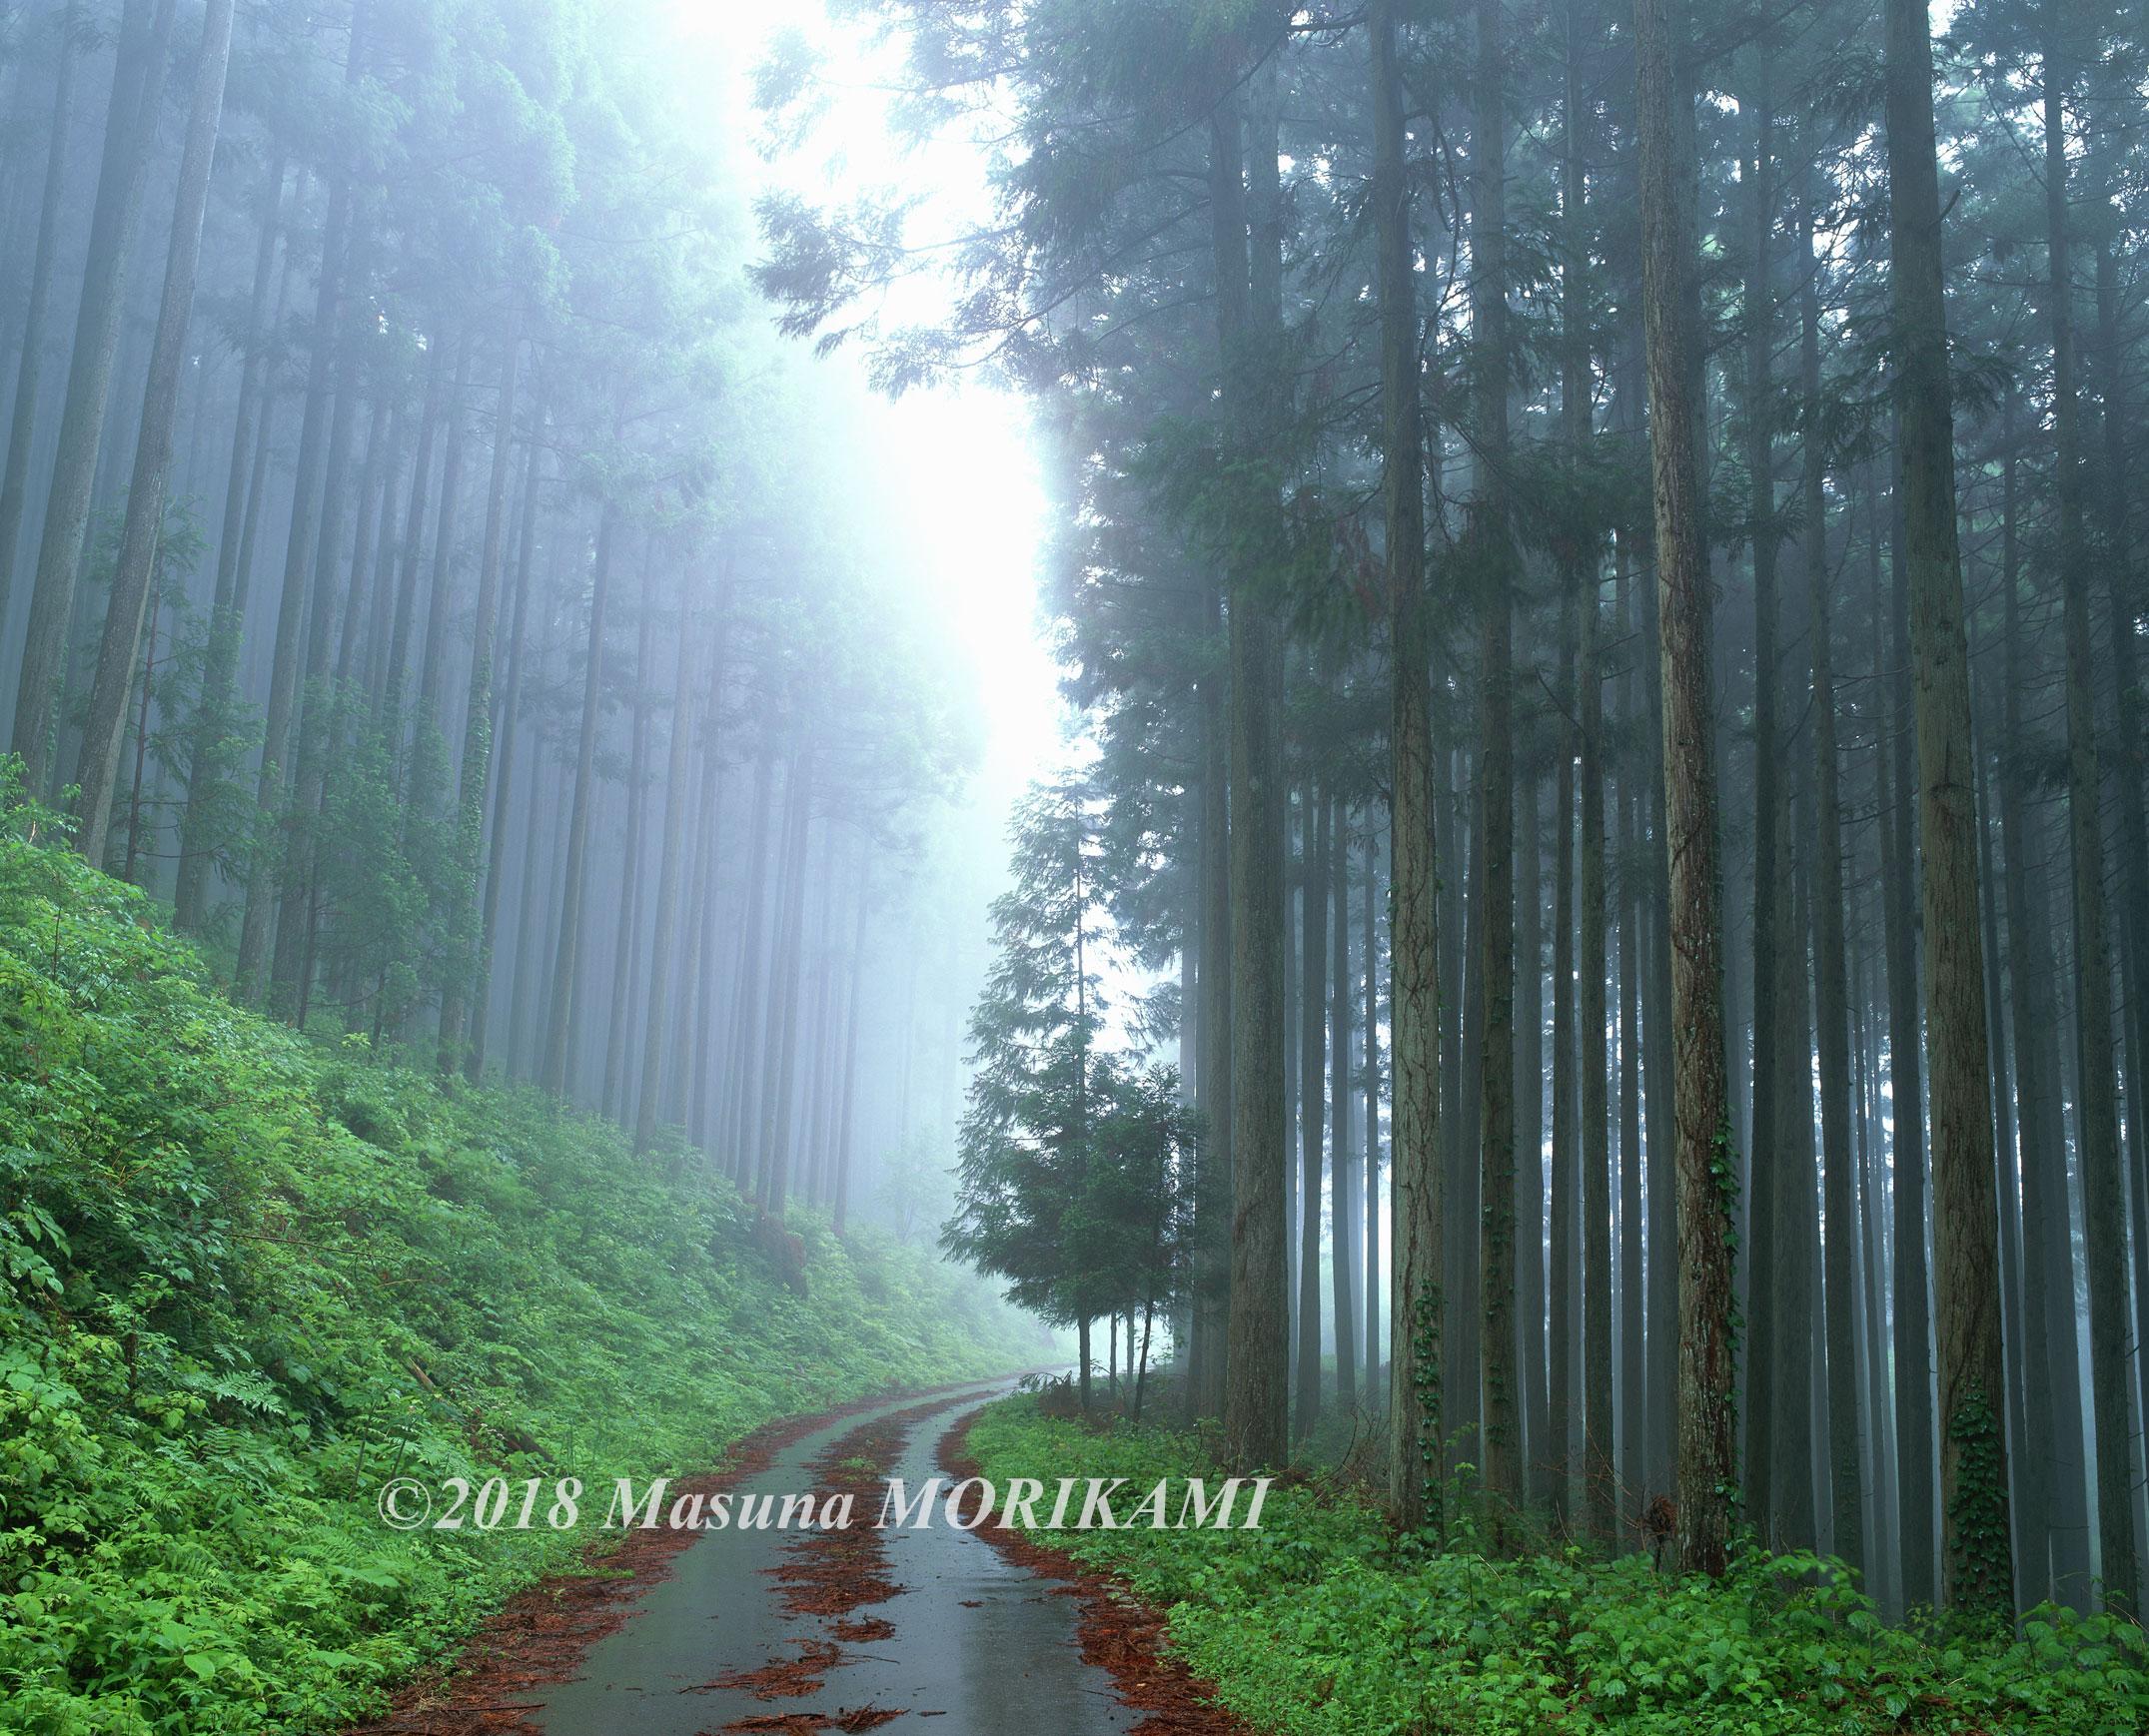 10 深林への誘い/愛知県東栄町/2009.6.5 11:35